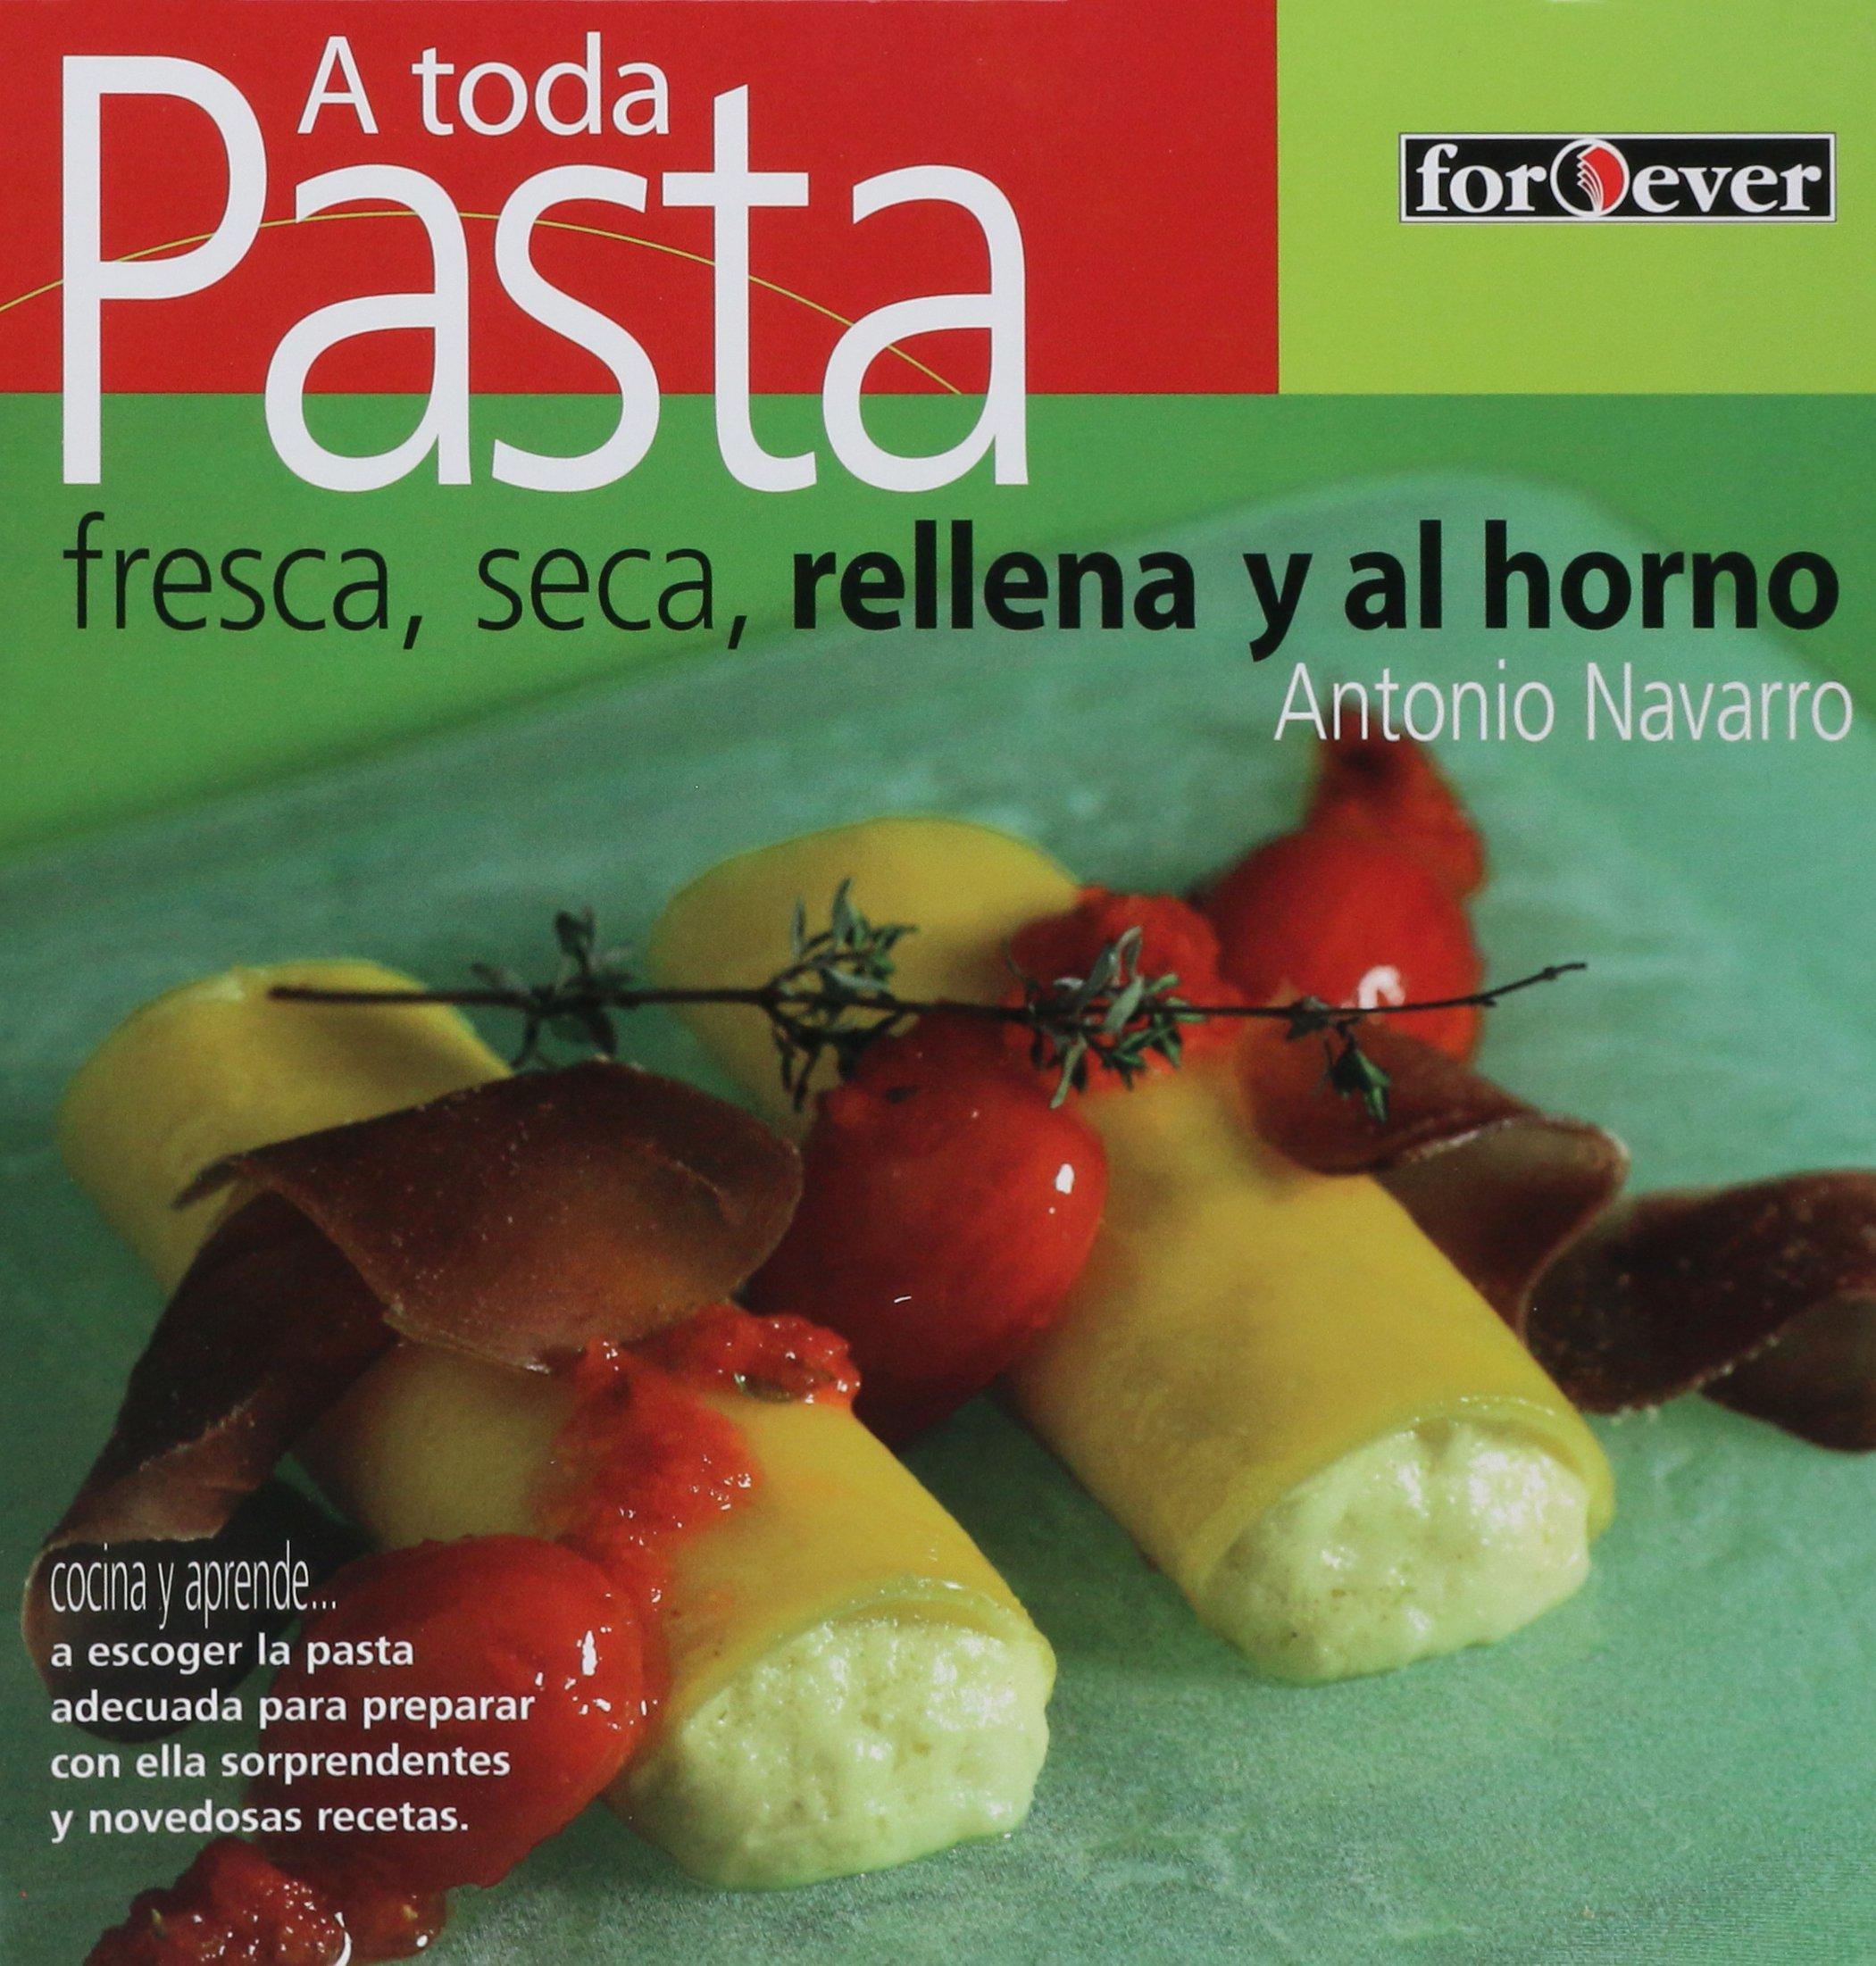 A toda pasta. Fresca, seca, rellena y al horno Cocina y aprende: Amazon.es: Navarro Antonio: Libros